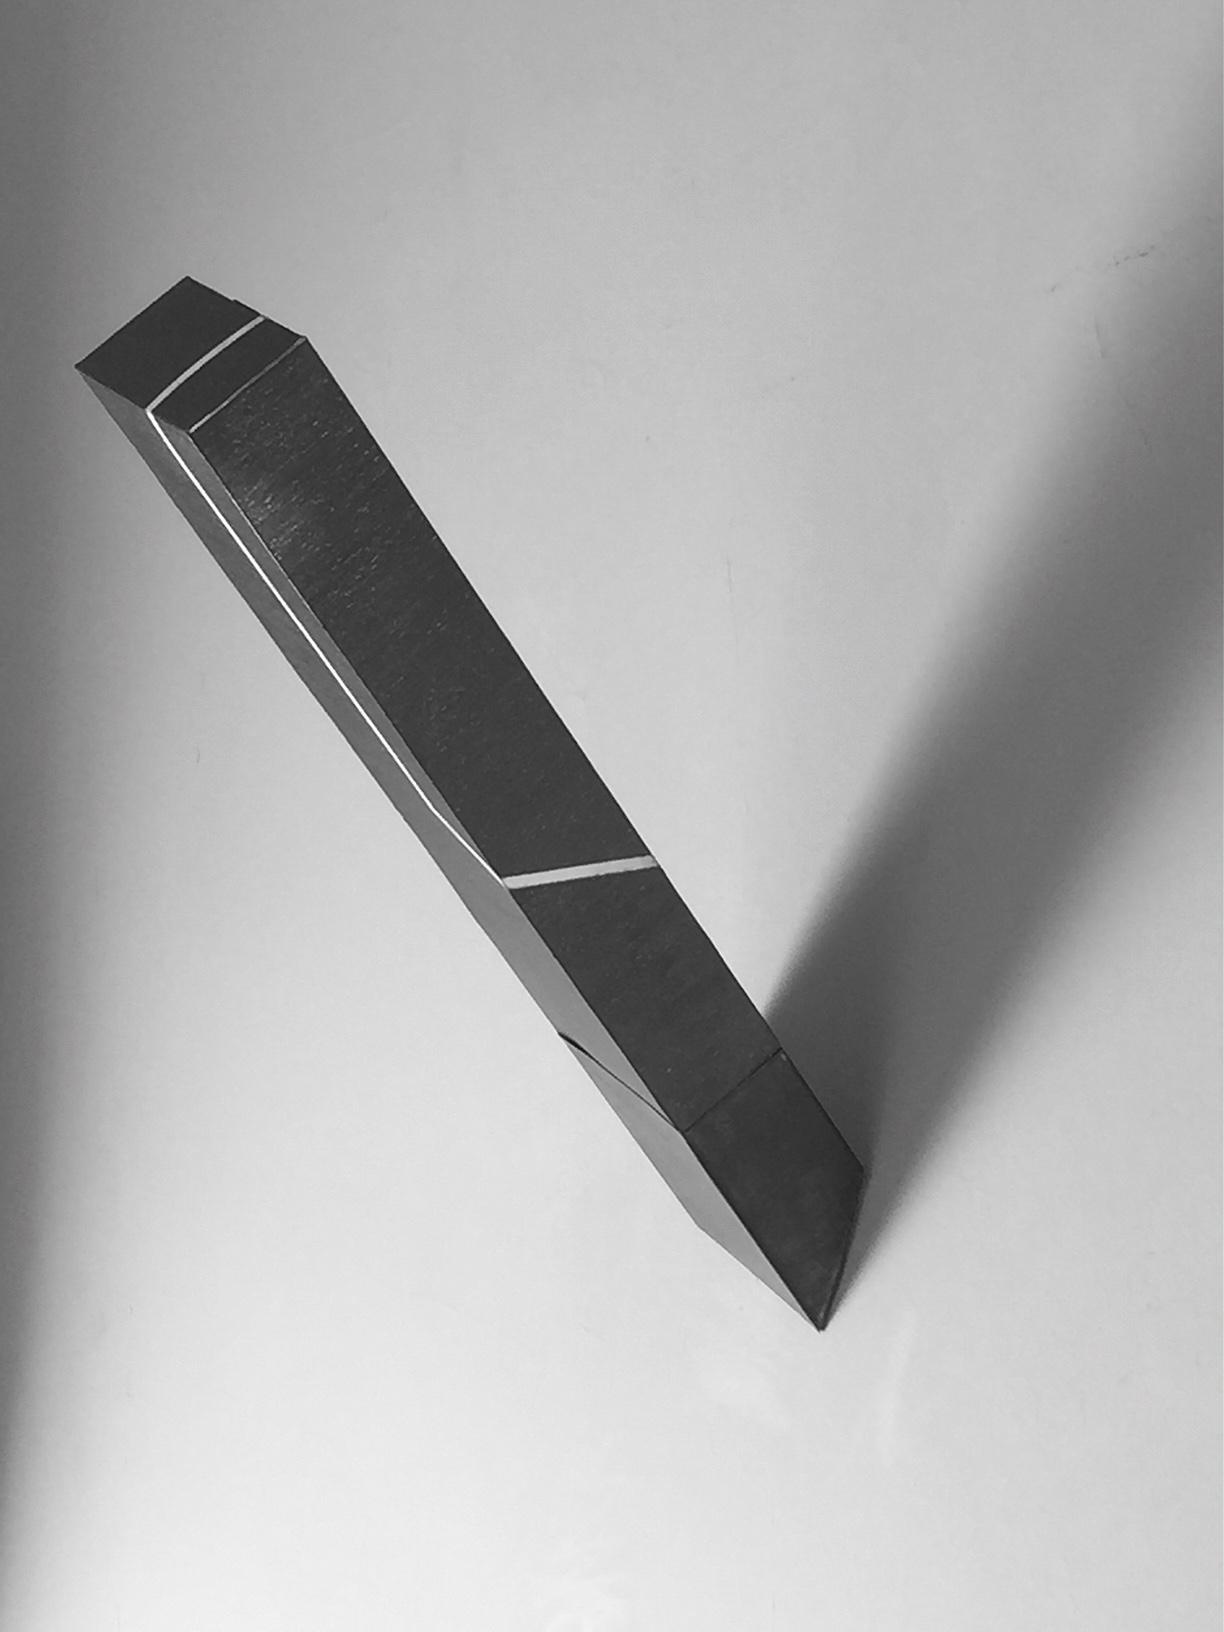 REALIDAD CONTINGENTE II  Superficie de papel algodón 420g y hierro, cubiertos de grafito.  40 x 10 x 30 cm.  2015.    Estudio sobre concepción ética de la belleza.    No sólo pertenece a un cuerpo.